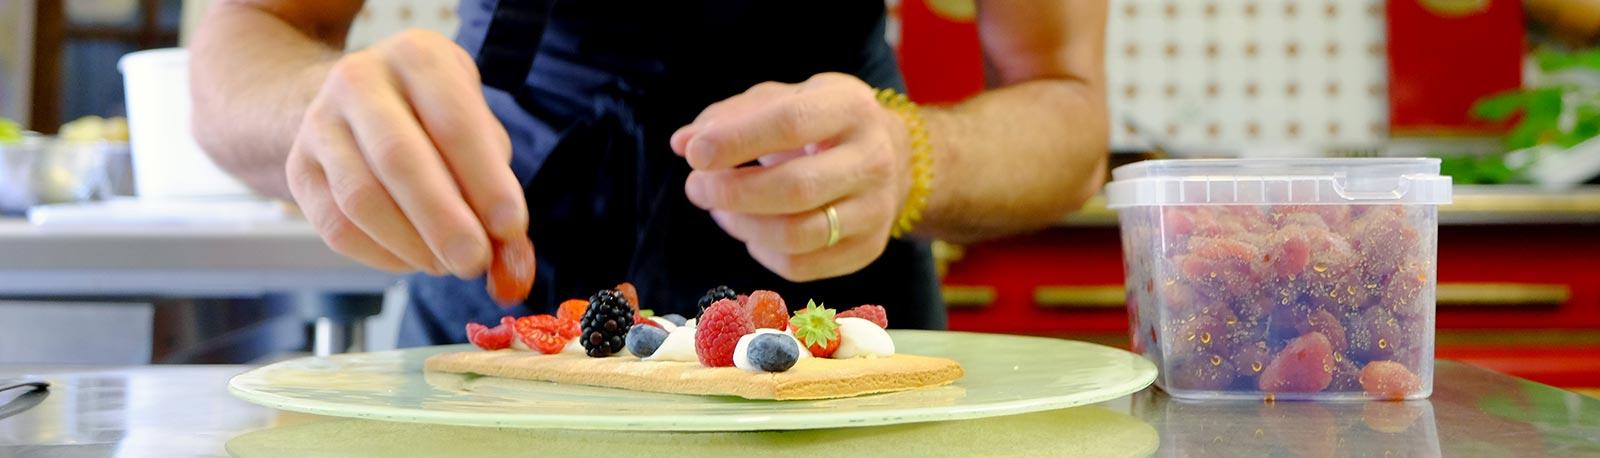 Recepten met gedroogd fruit